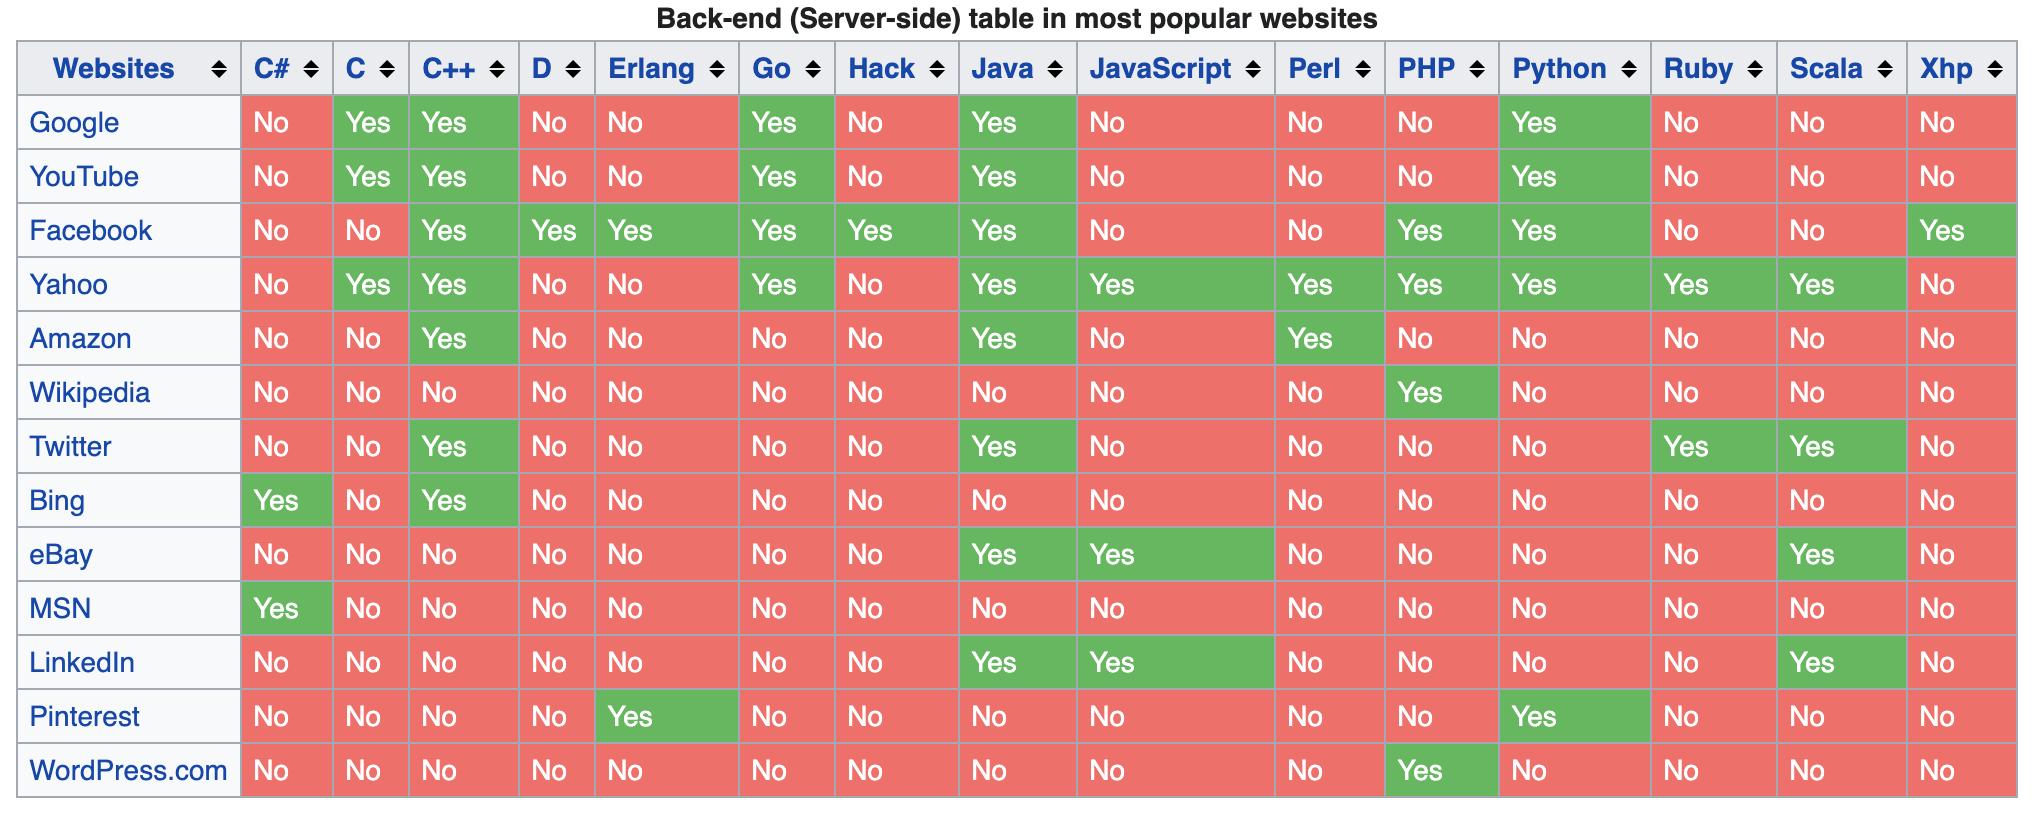 """Таблица, иллюстрирующая использование языков программирования в крупных технологических компаниях (<a href=""""https://en.wikipedia.org/wiki/Programming_languages_used_in_most_popular_websites"""" target=""""_blank"""" rel=""""noopener noreferrer nofollow"""">источник</a>)"""